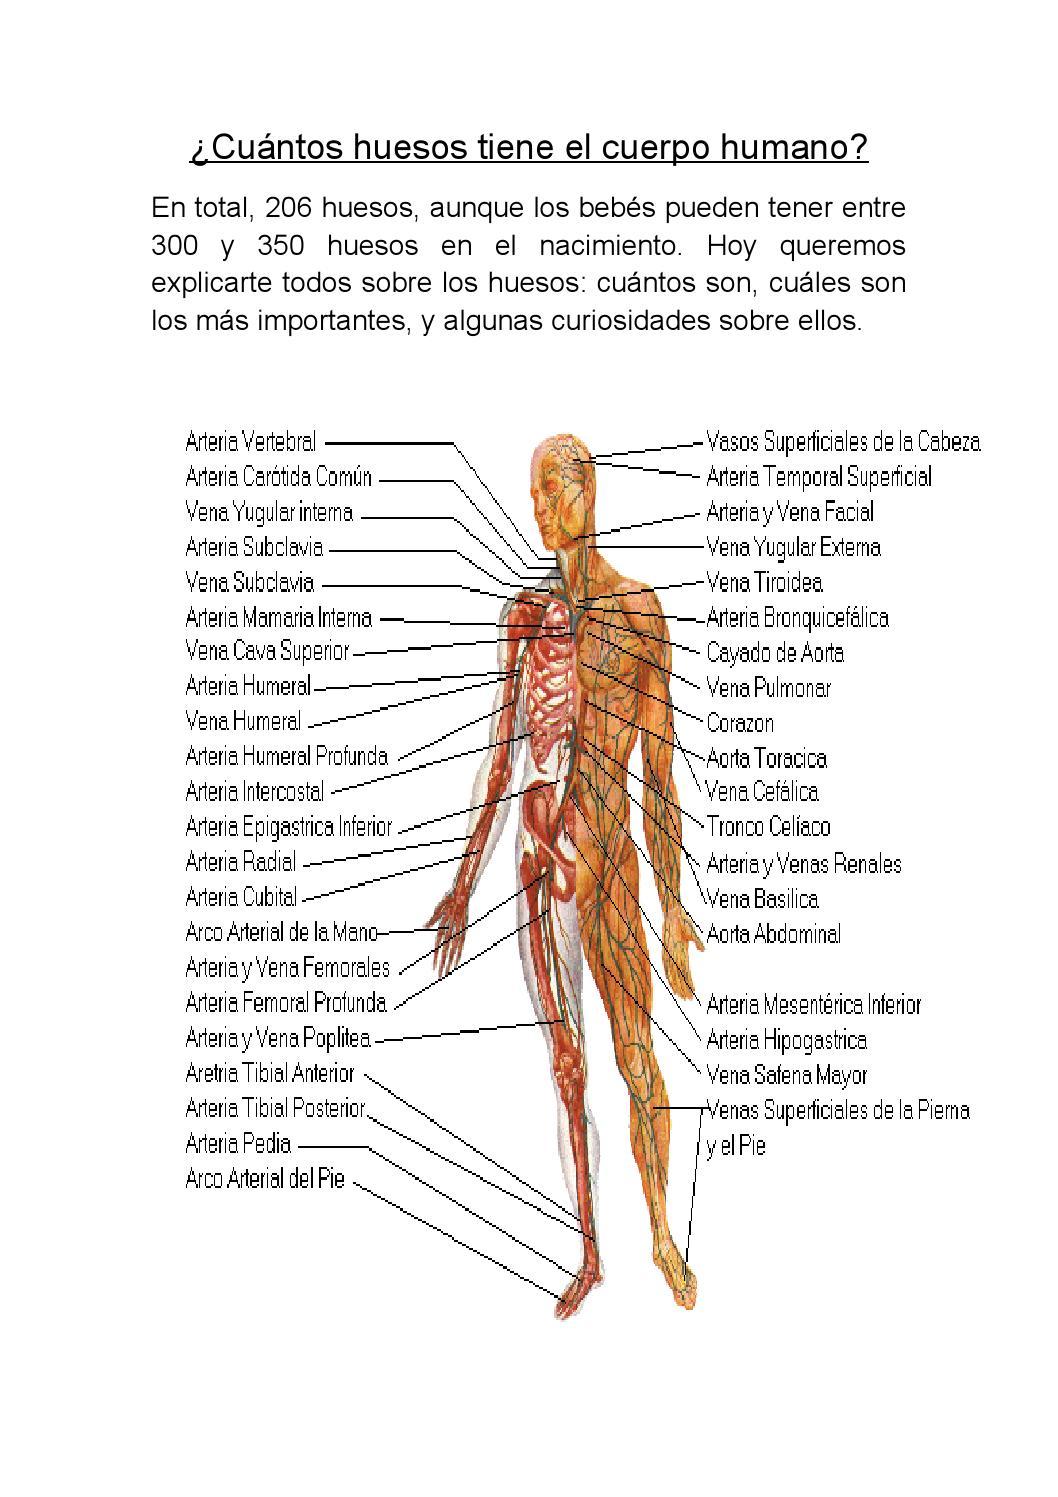 Cuántos huesos tiene el cuerpo humano mariano by catherine alexandra ...